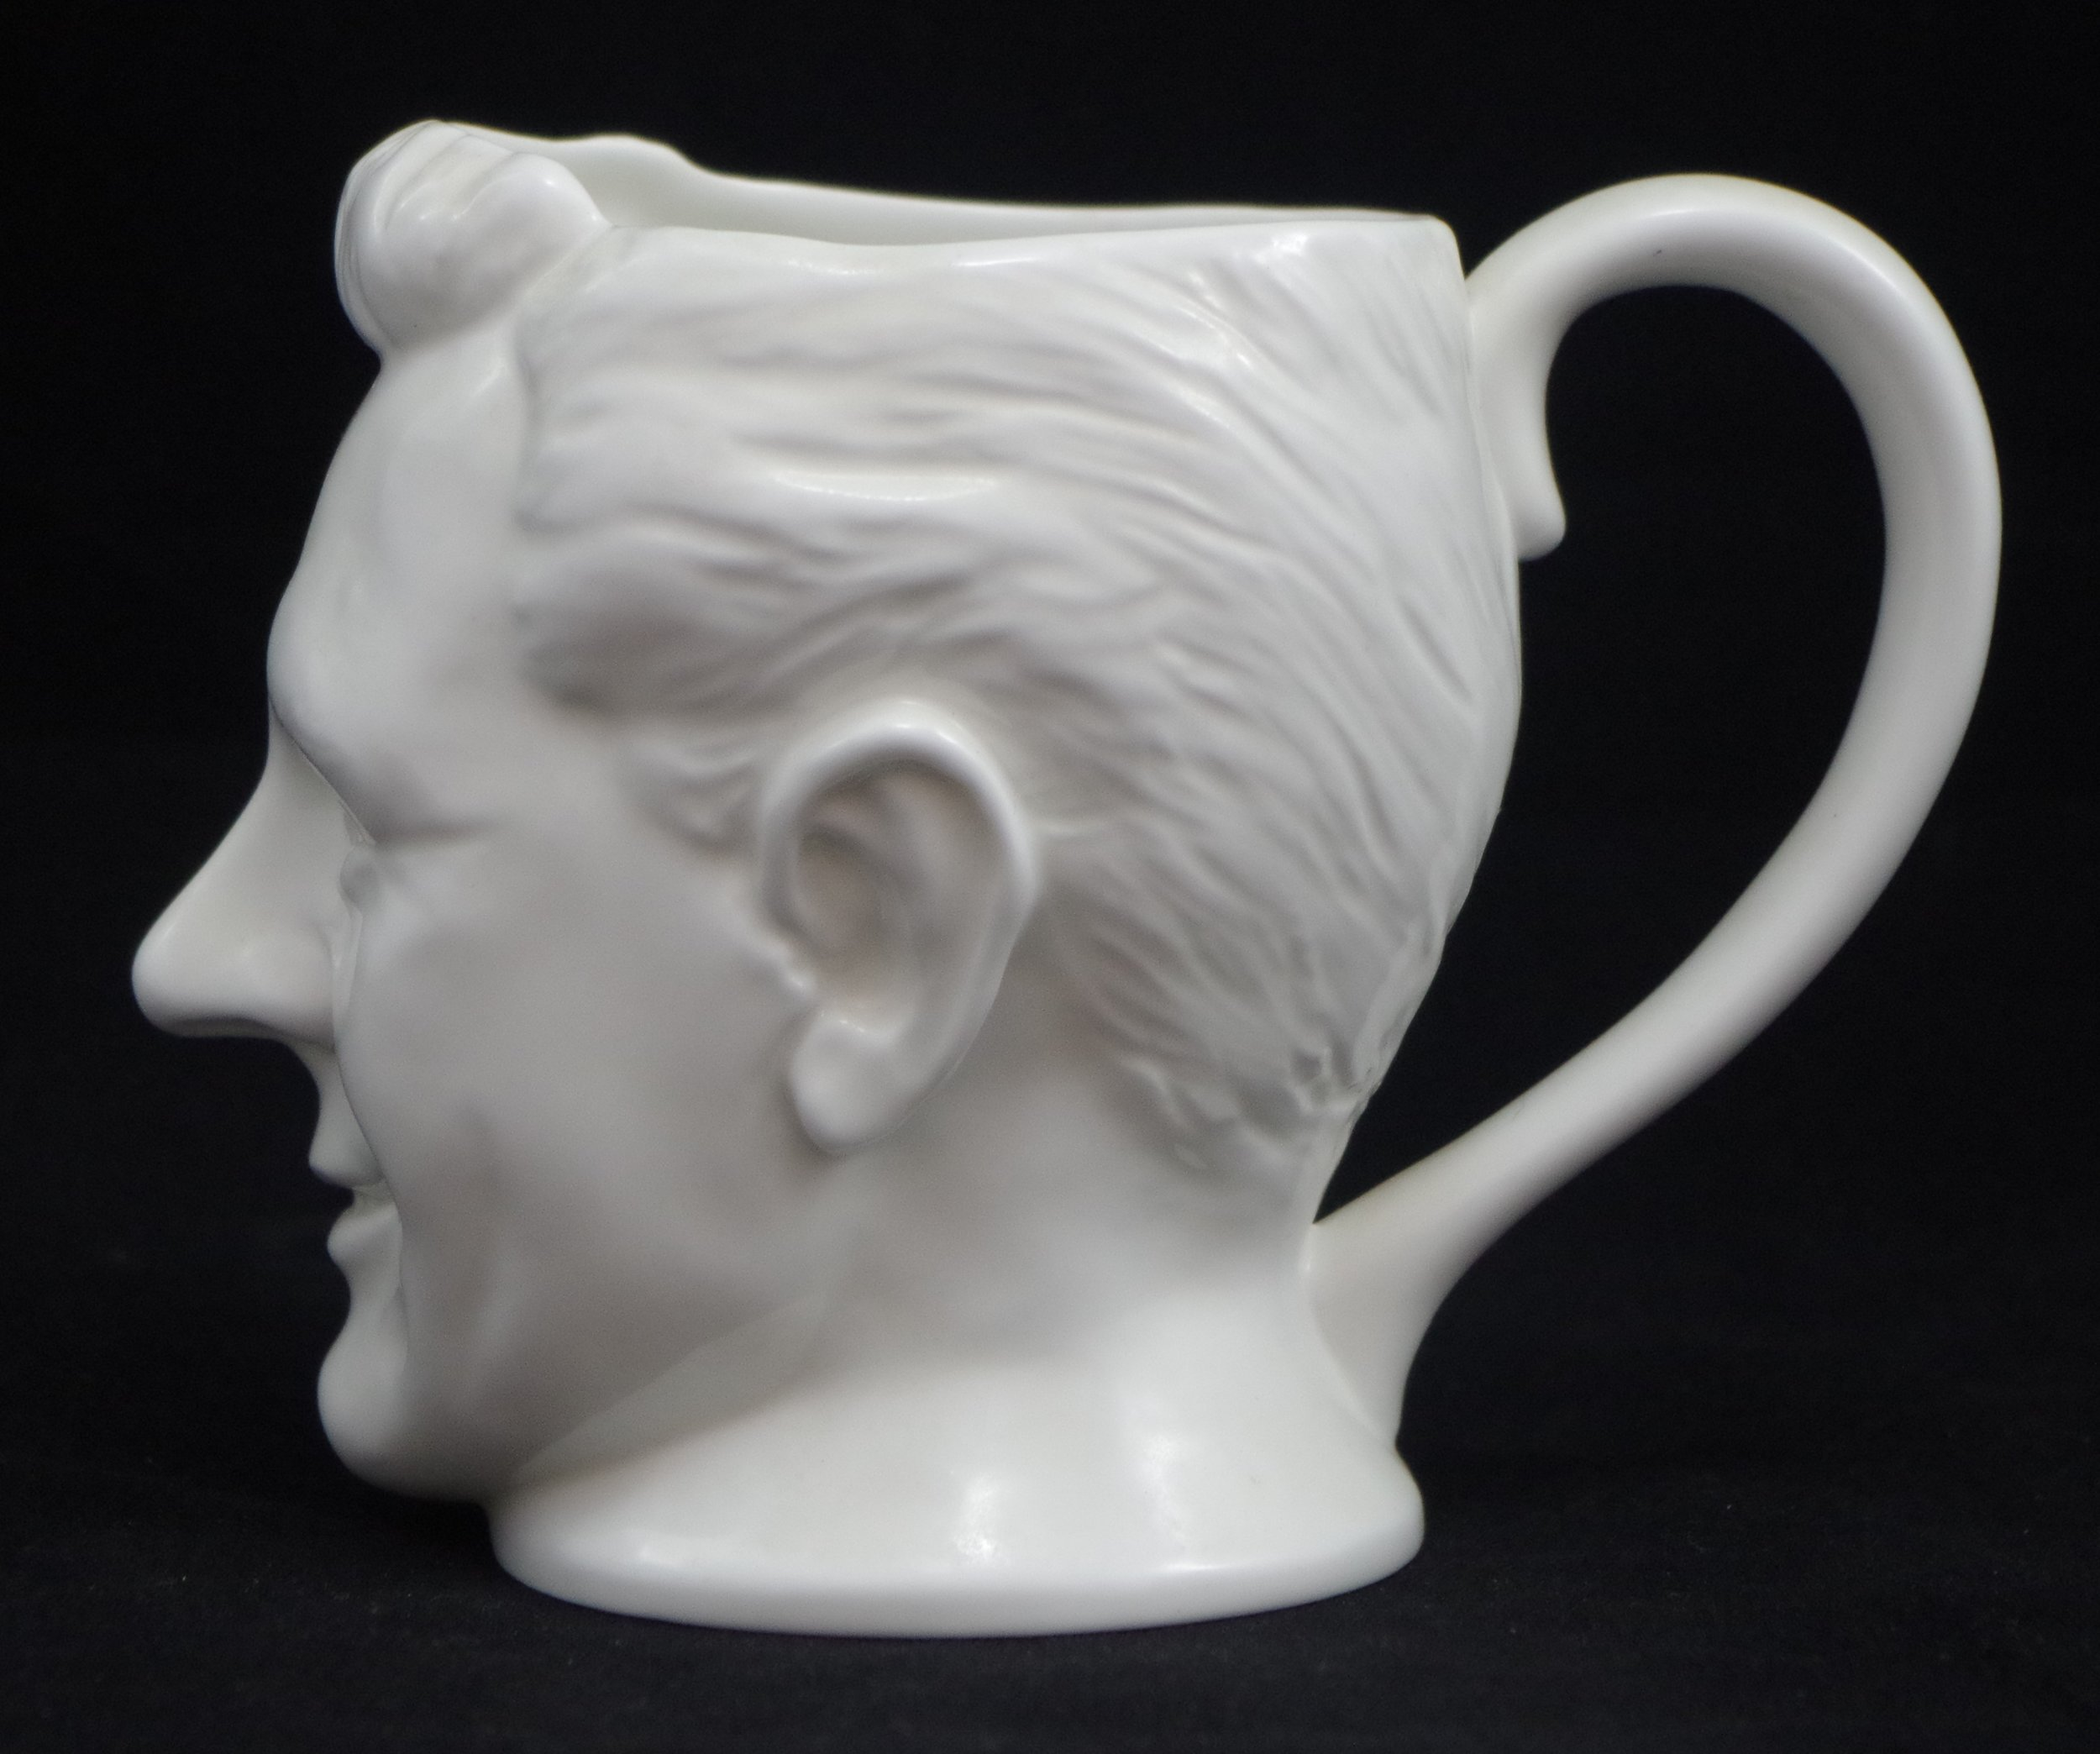 royal-crown-derby-pat-astley-mug-side-view